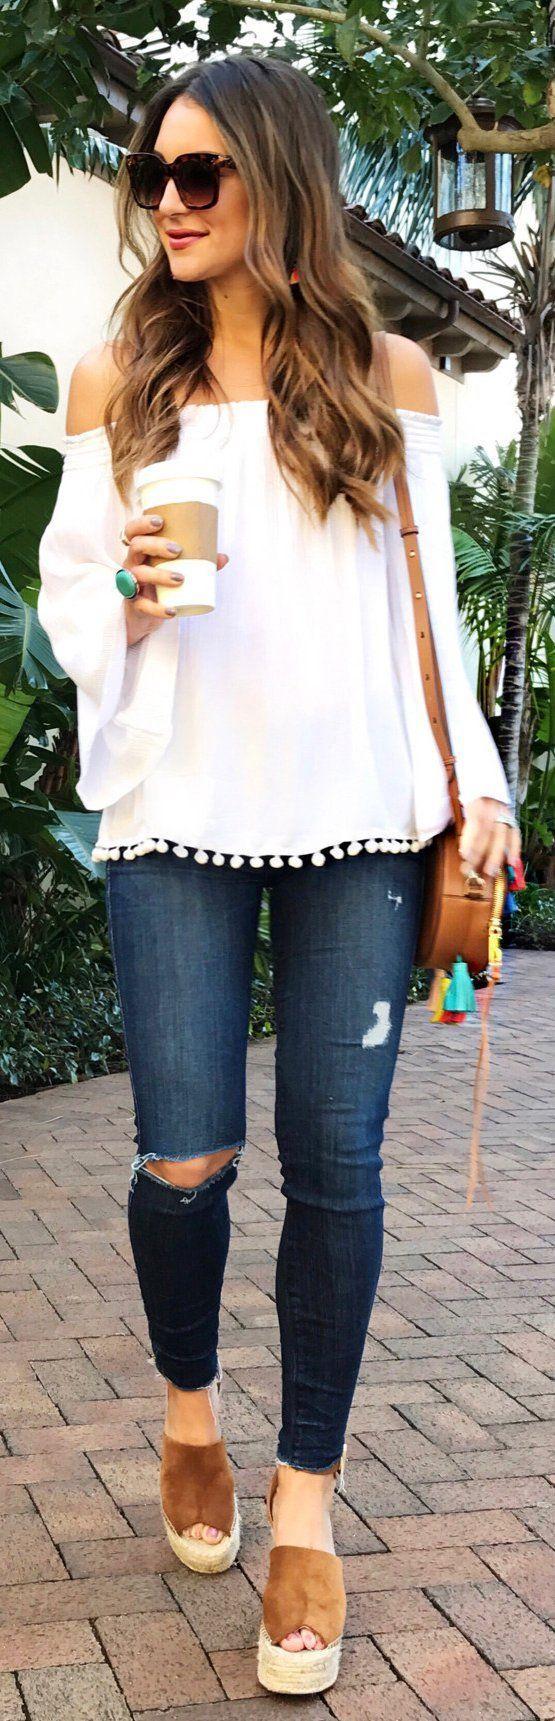 White Off Shoulder Blouse / Ripped & Destroyed Skinny Jeans / Brown Platform Wedge / Brown Leather Shoulder Bag